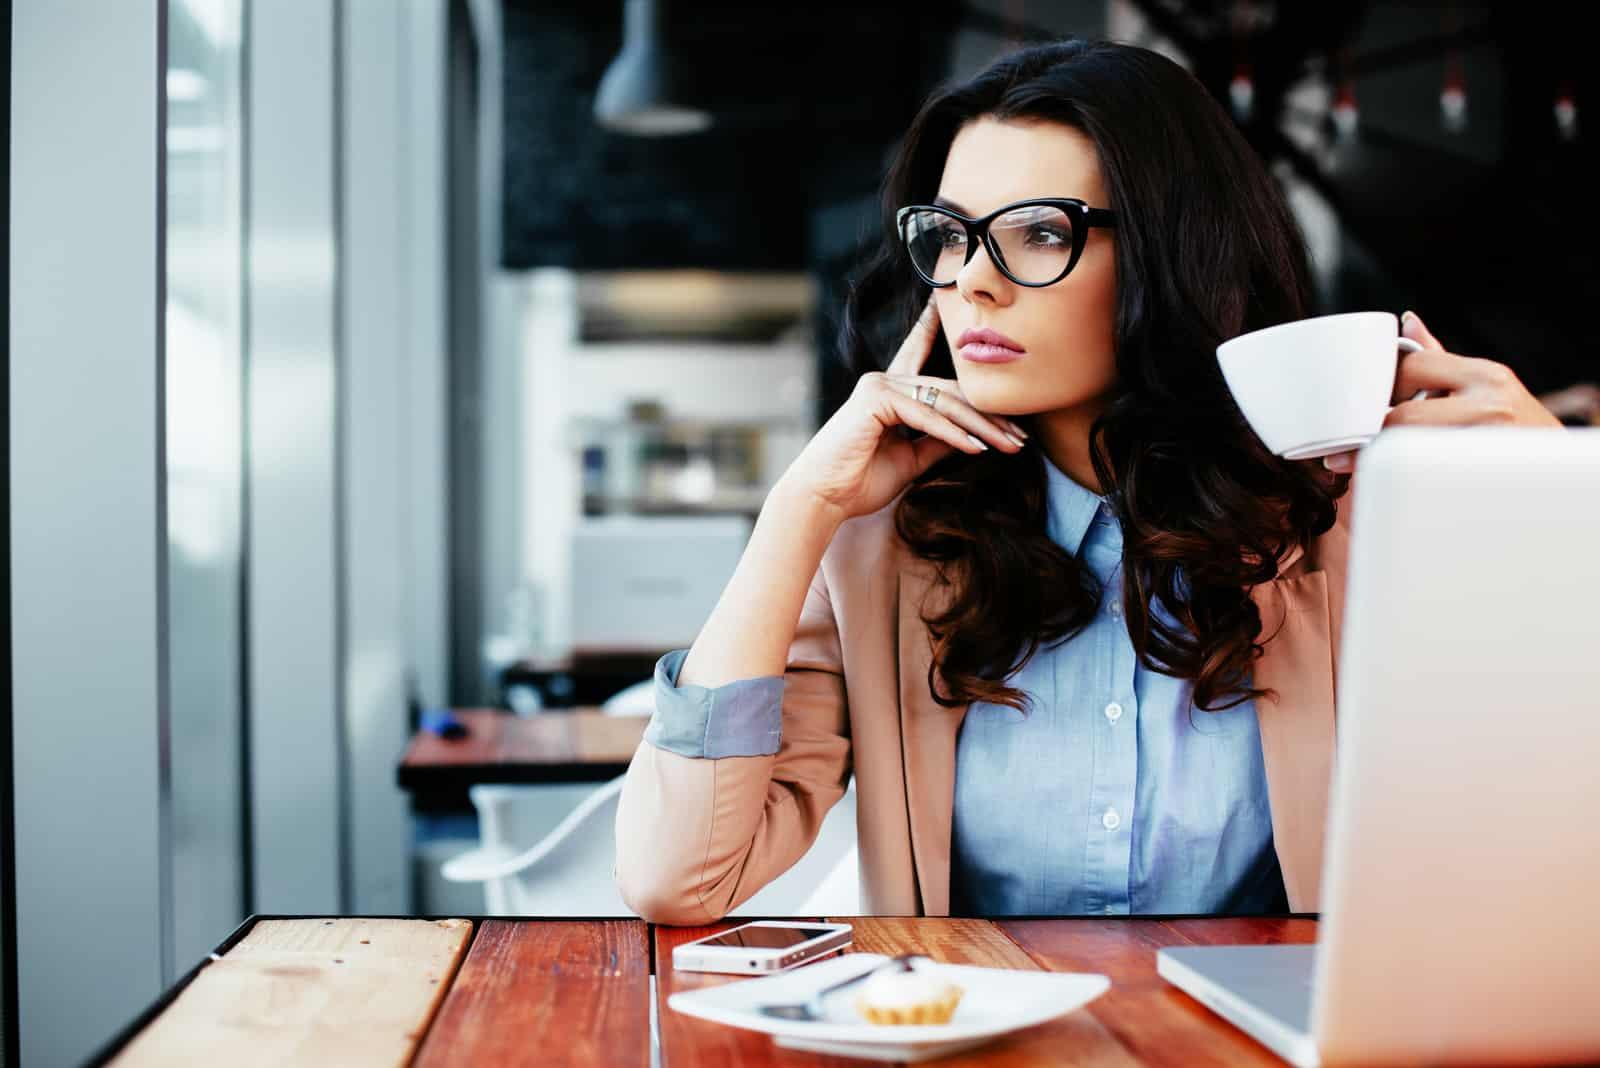 une femme imaginaire est assise à une table et boit du café